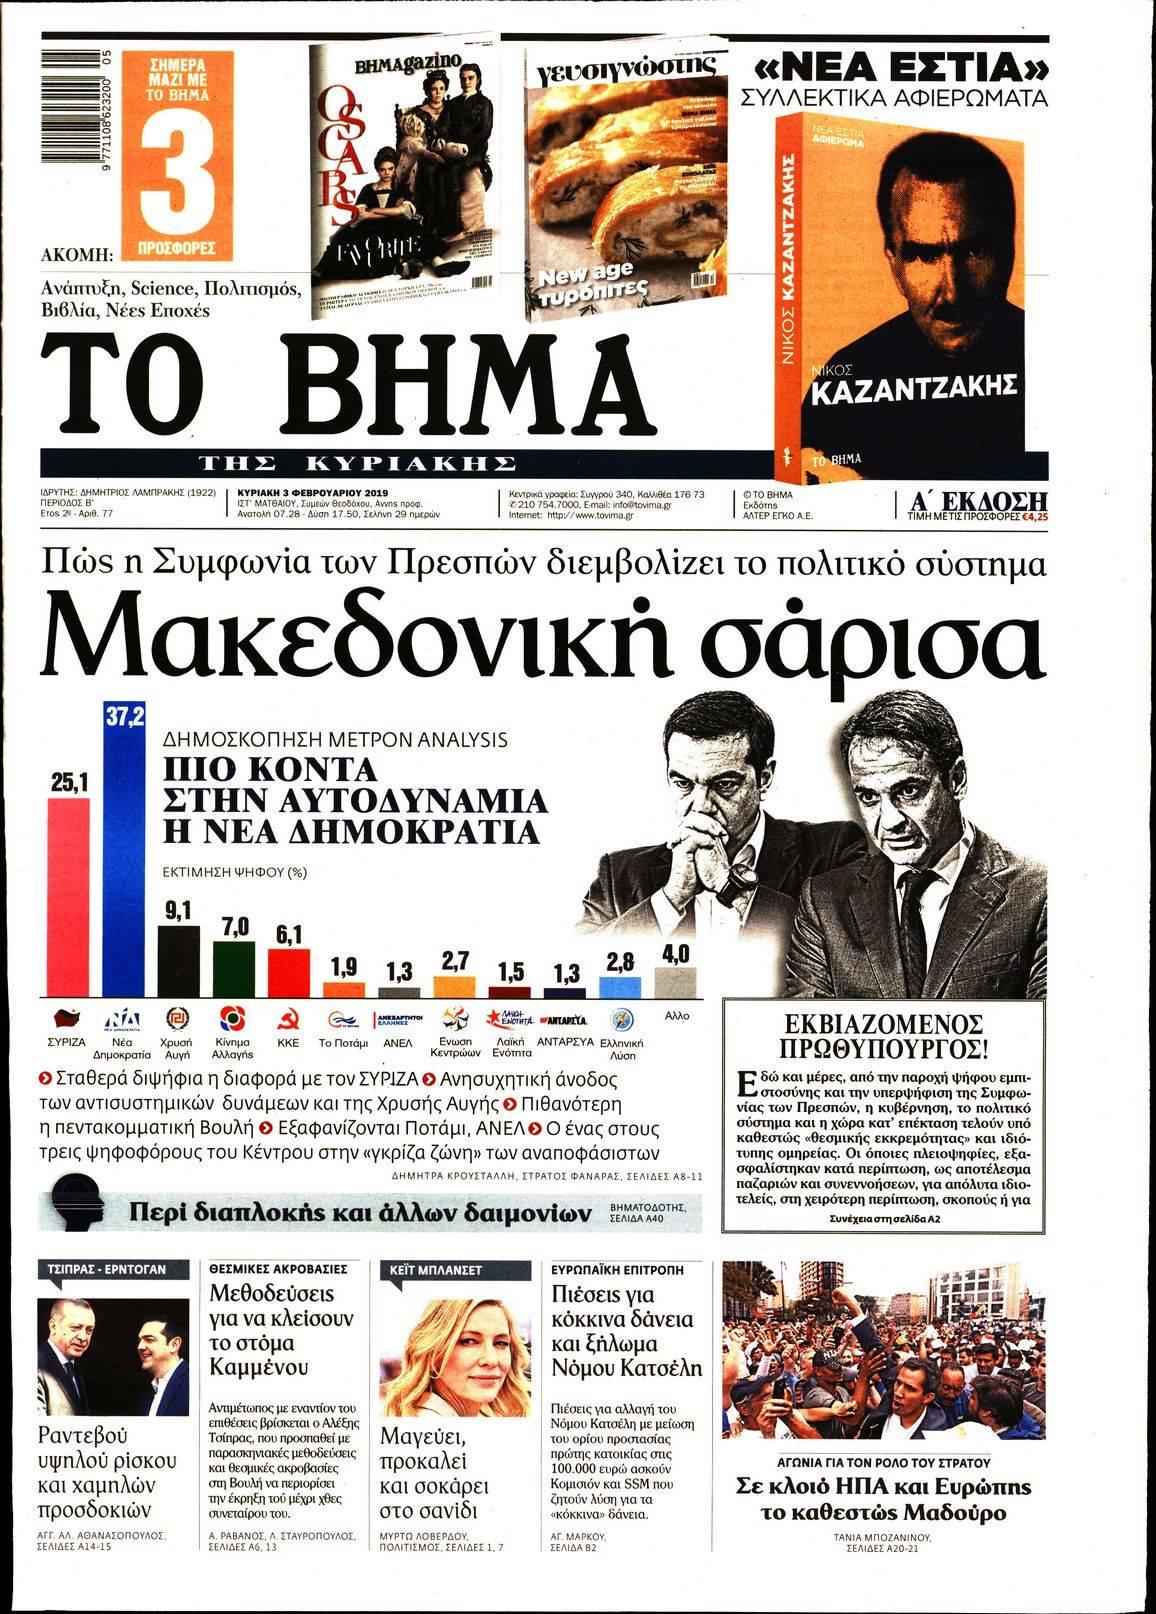 Διψήφια διαφορά δίνει δημοσκόπηση κυριακάτικης εφημερίδας